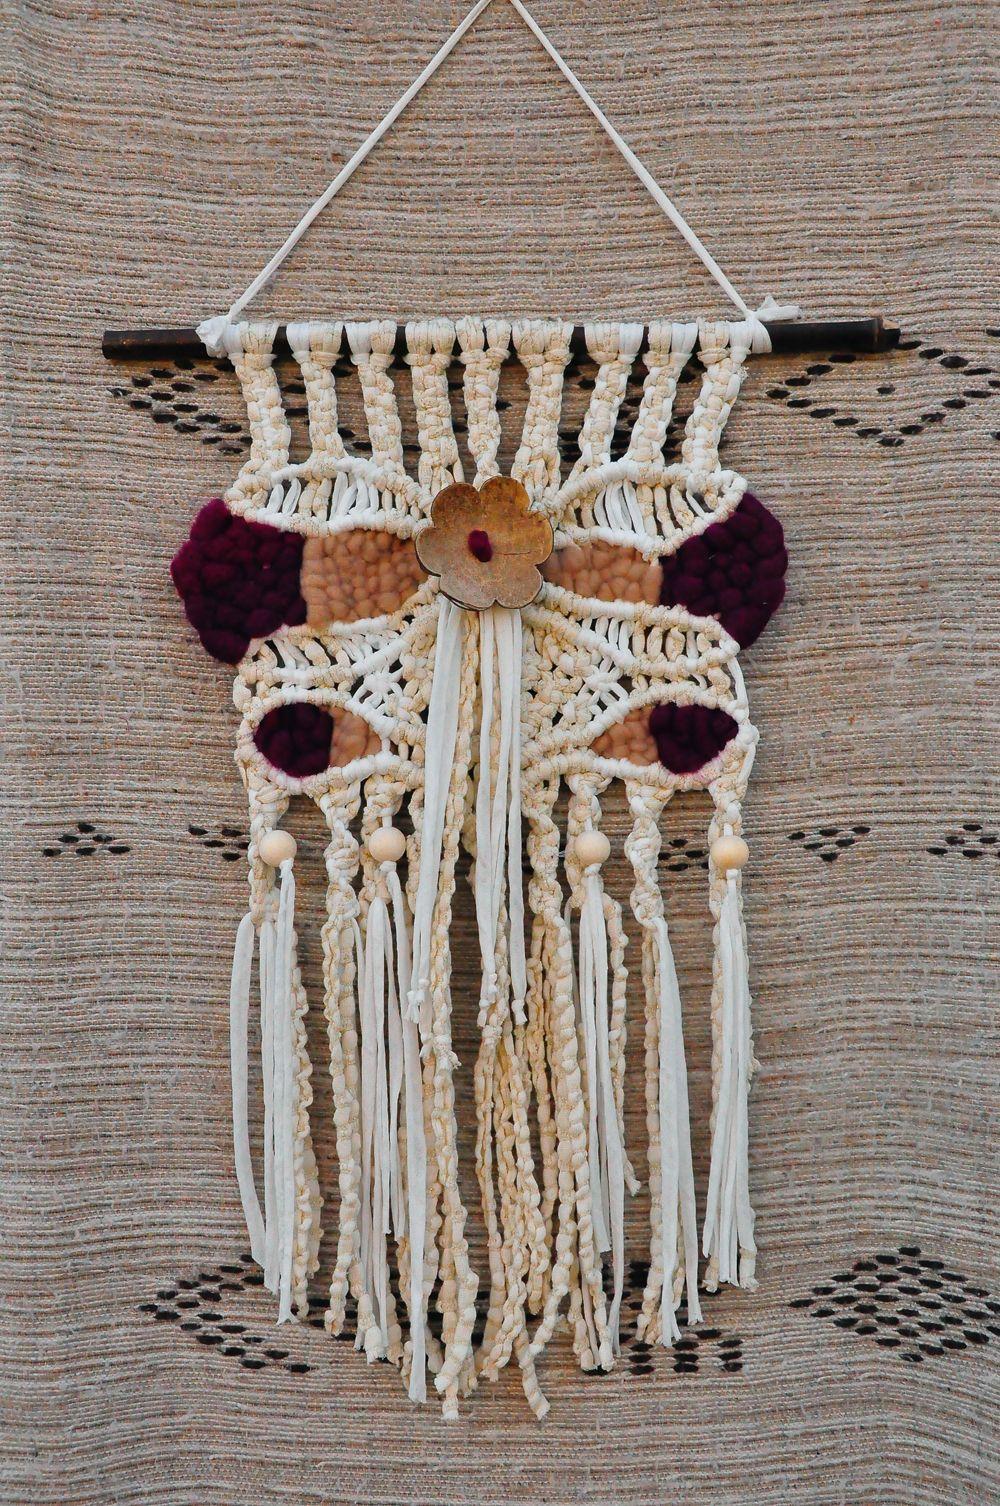 tentures murales en macramé et tissage réalisé en fil coton écru 5 mm, trapilho, laine brute avec fleur en coco.